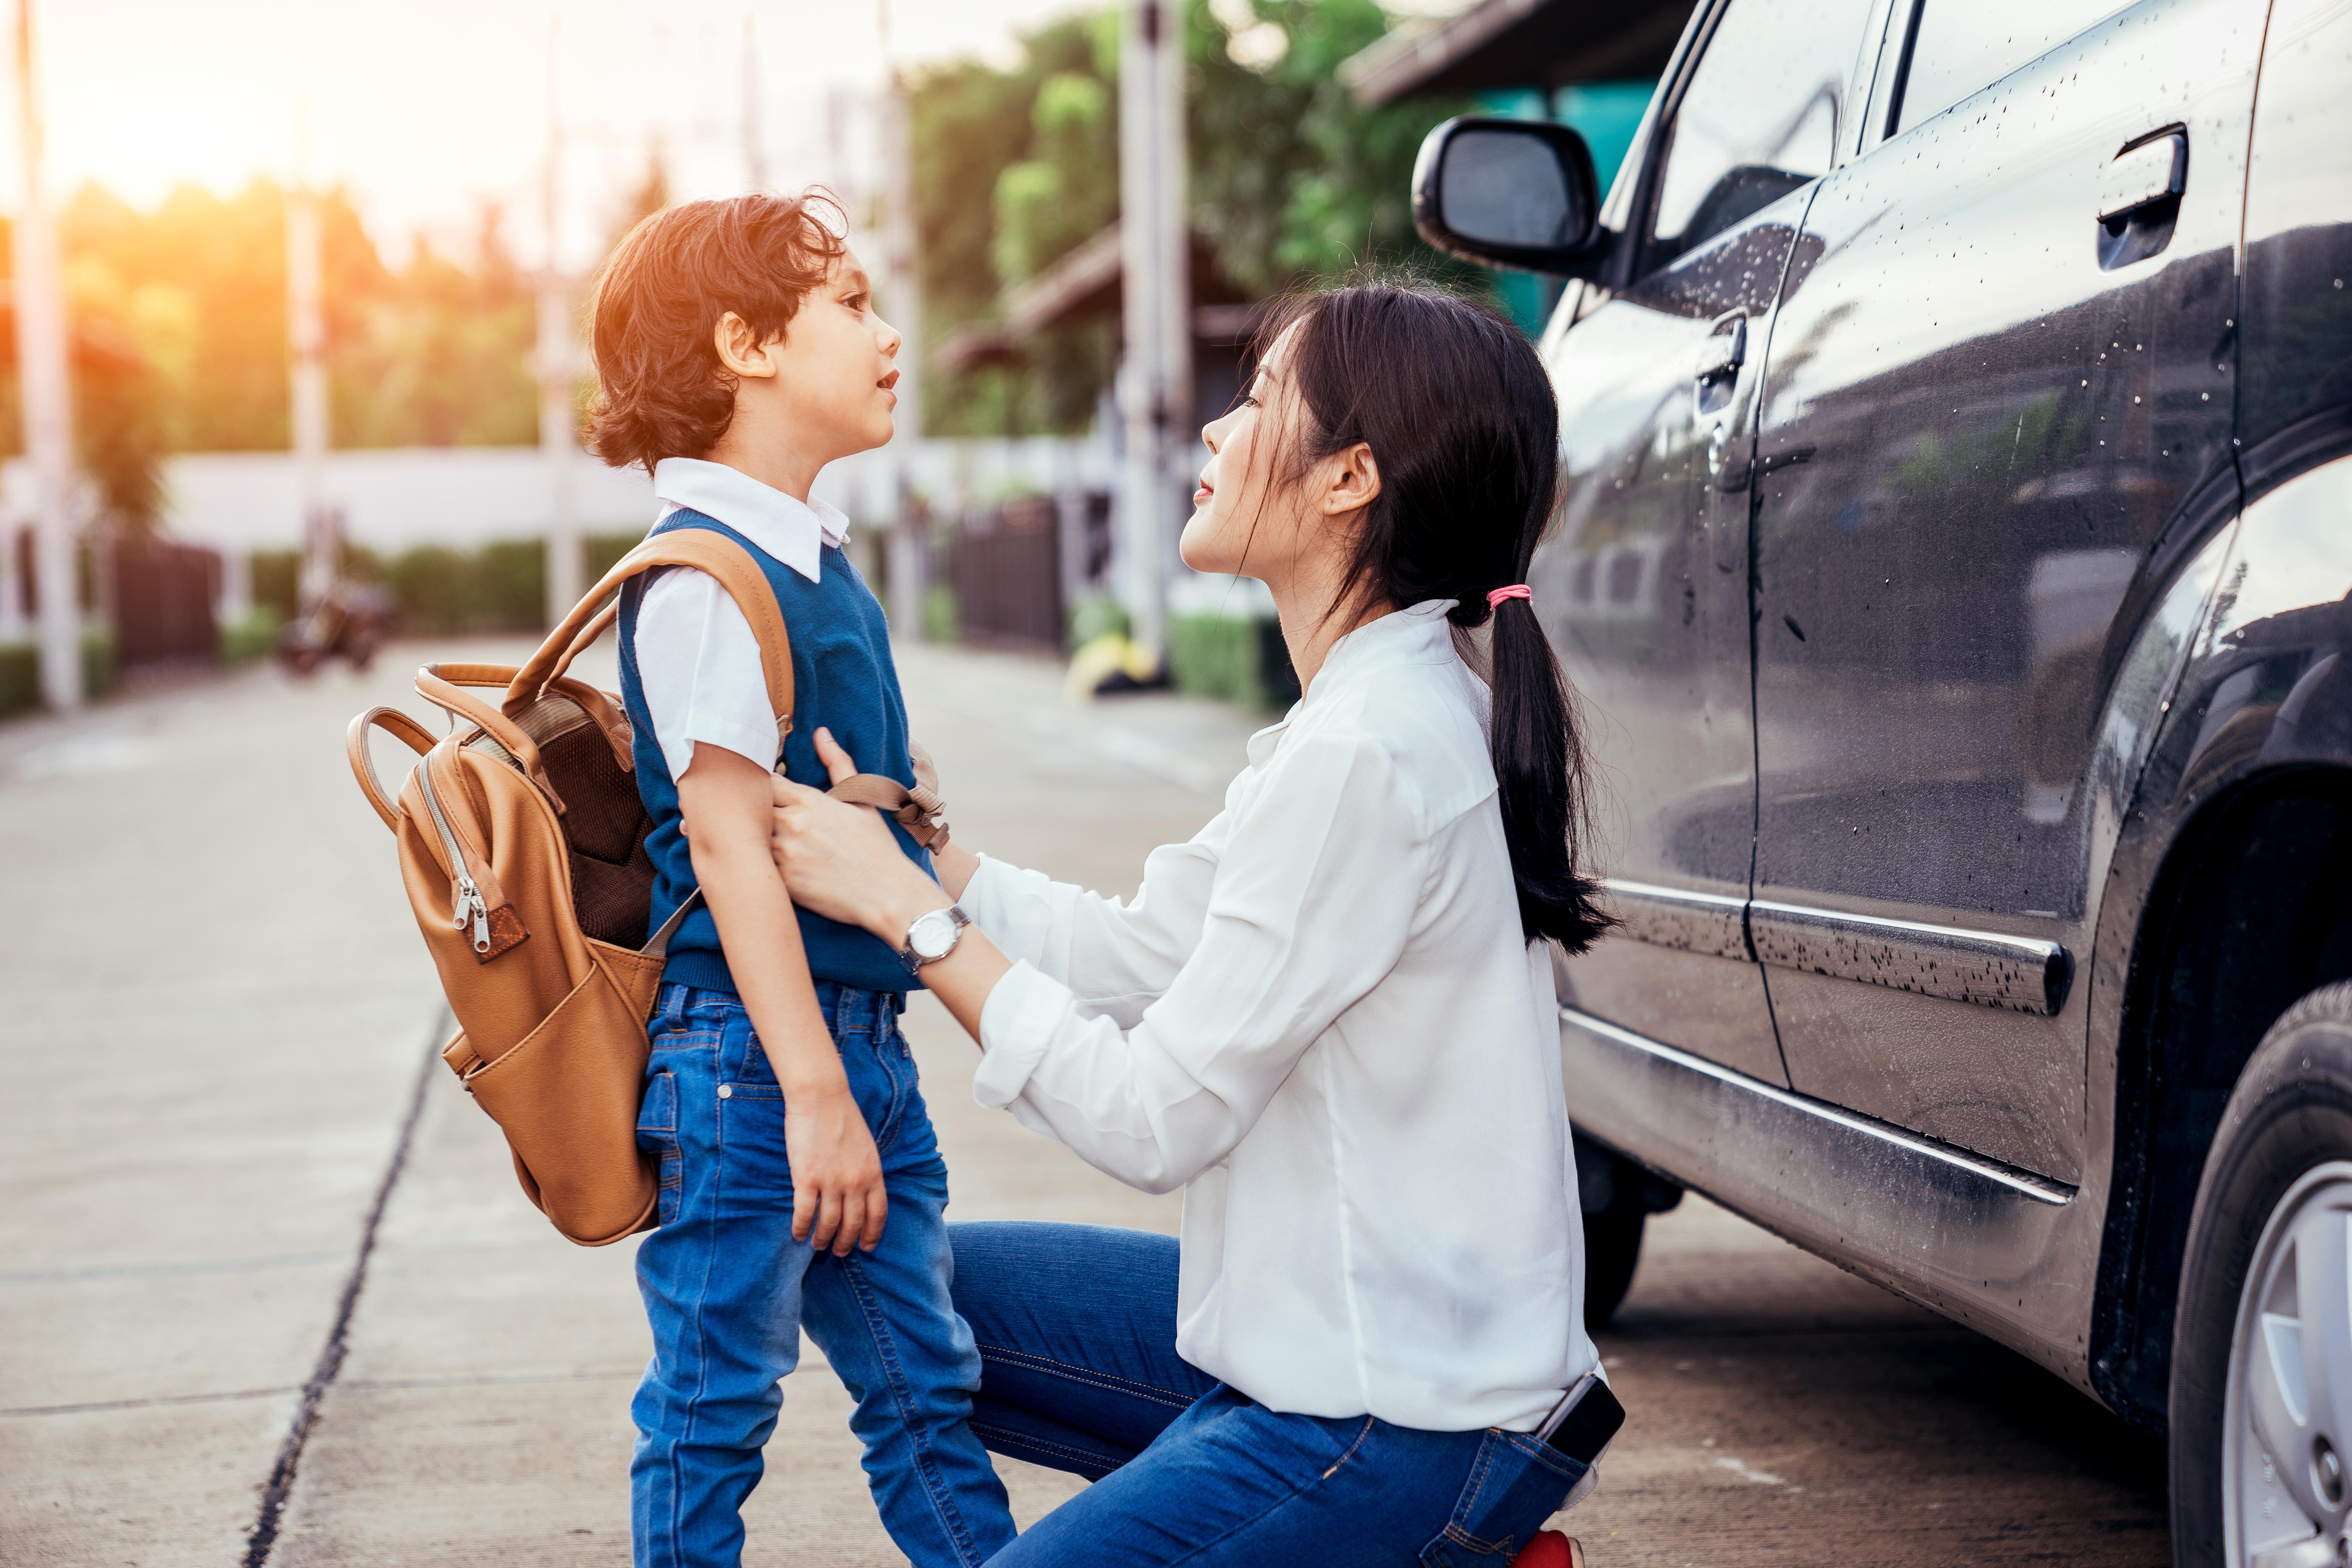 En undersökningen från Ipren visar att en tredjedel, 33 procent, av alla svenska föräldrar upplever att terminsstarten gör dem stressade.